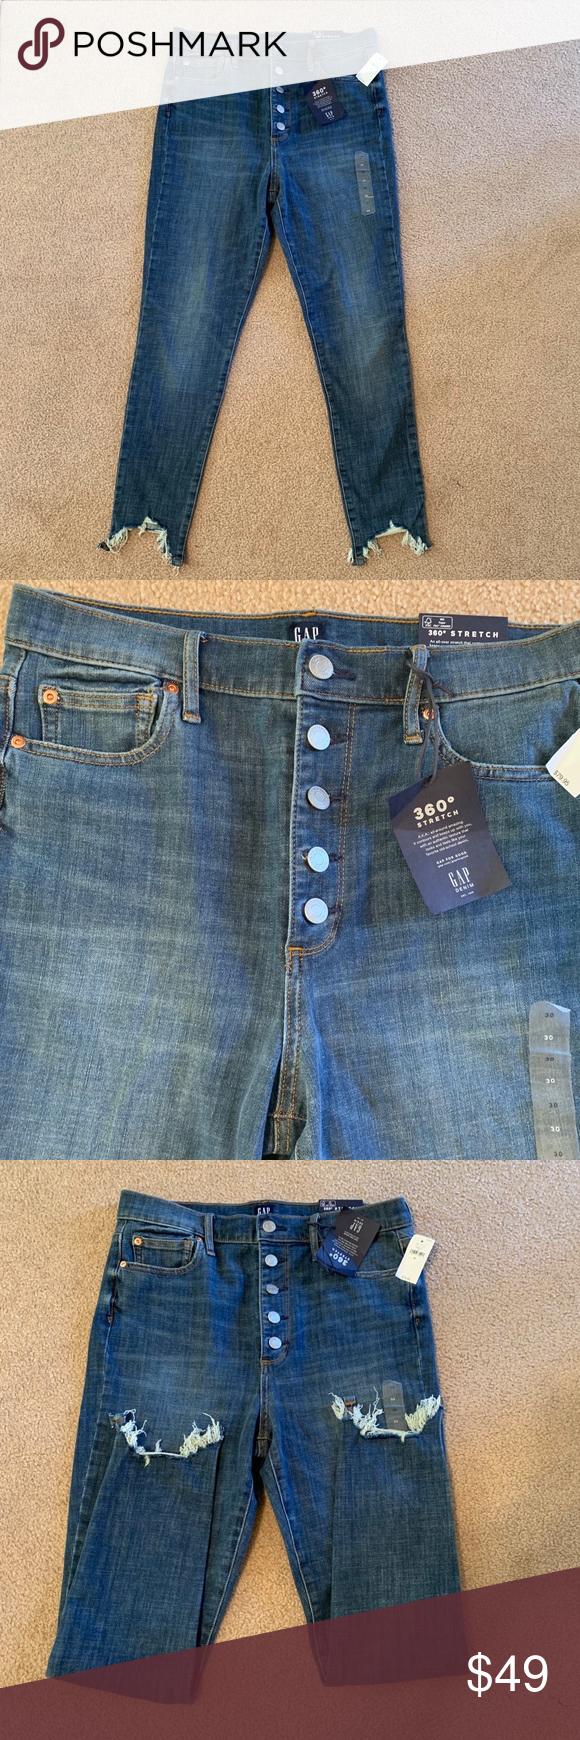 8592f4eca8 Super cute Gap jeans 360° stretch high rise true skinny ankle jeans. Stretch ,